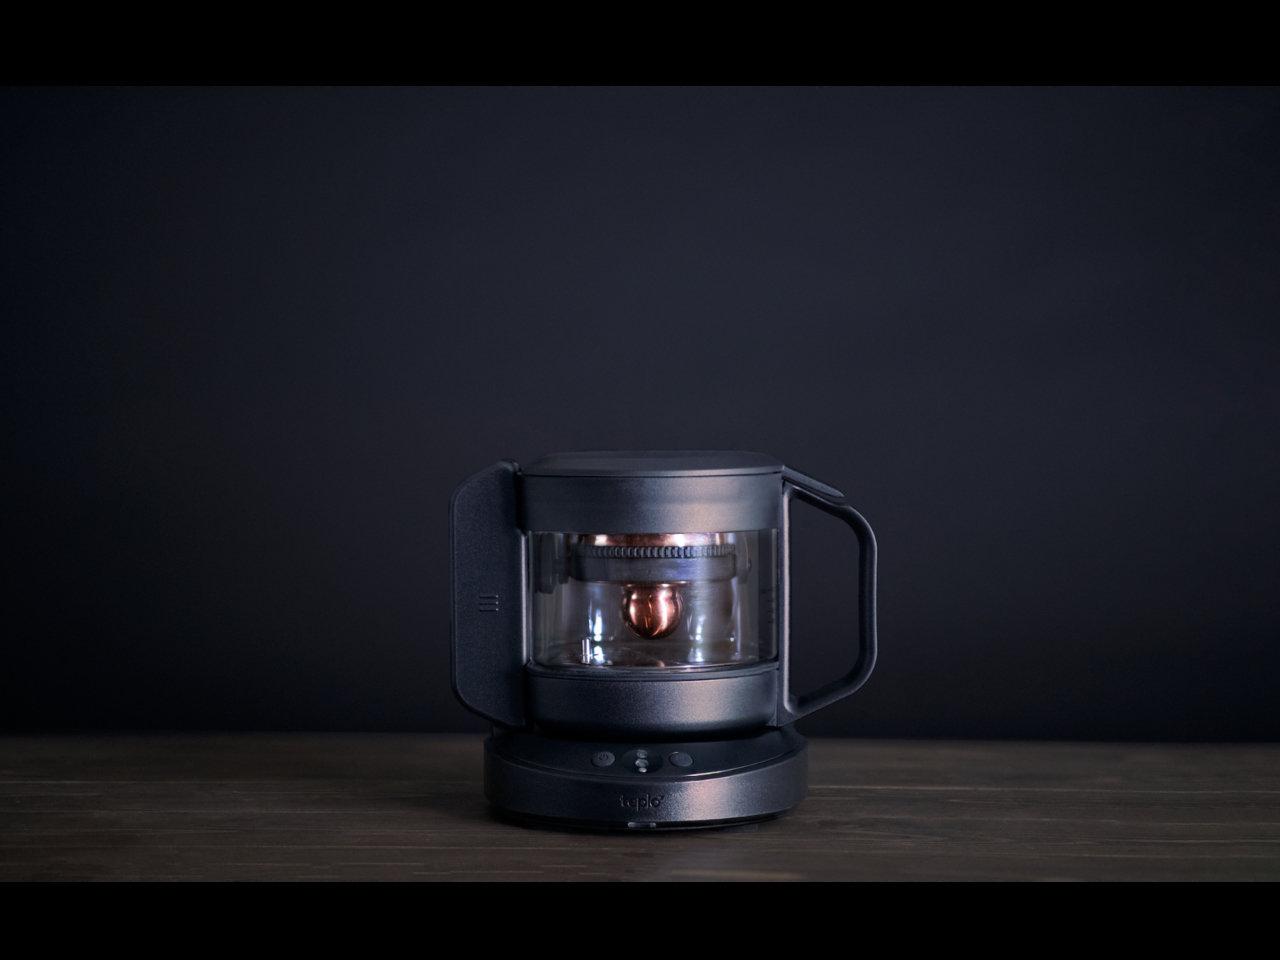 茶葉の魅力を最大限に引き出す。世界初「パーソナライズ抽出機能」を実現したスマートティーポット発売